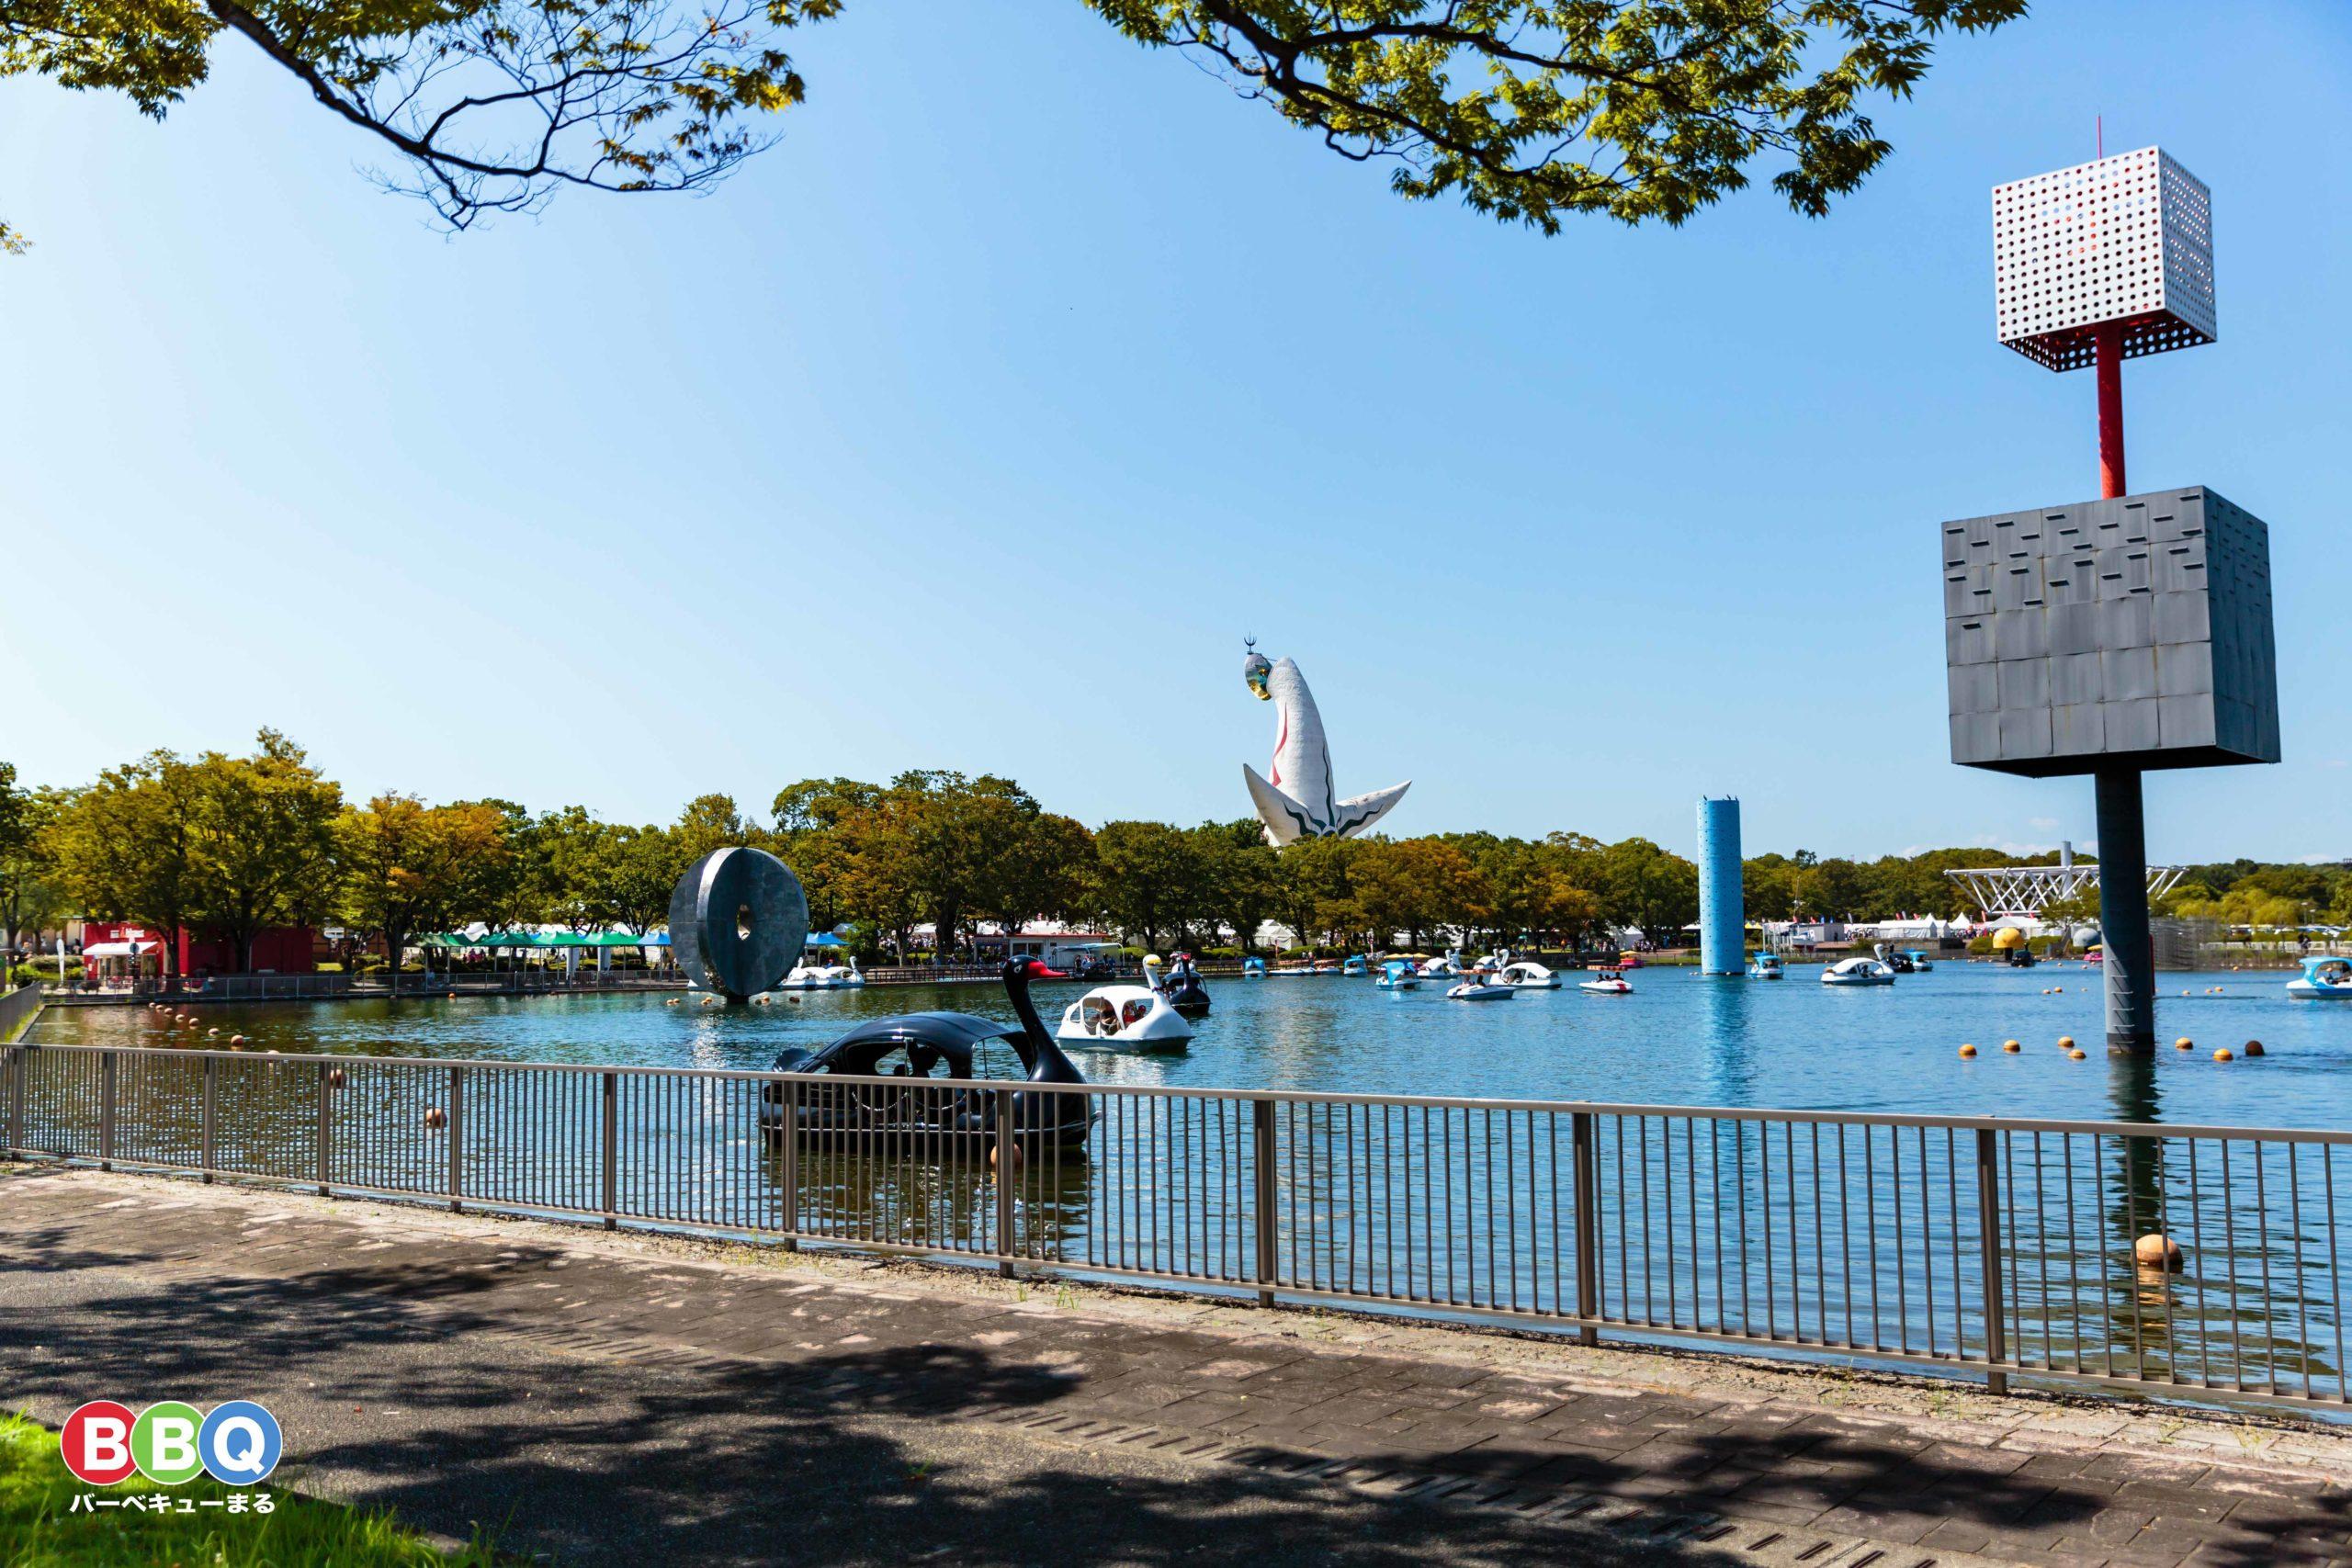 万博記念公園夢の池のスワンボート(サイクルボート)